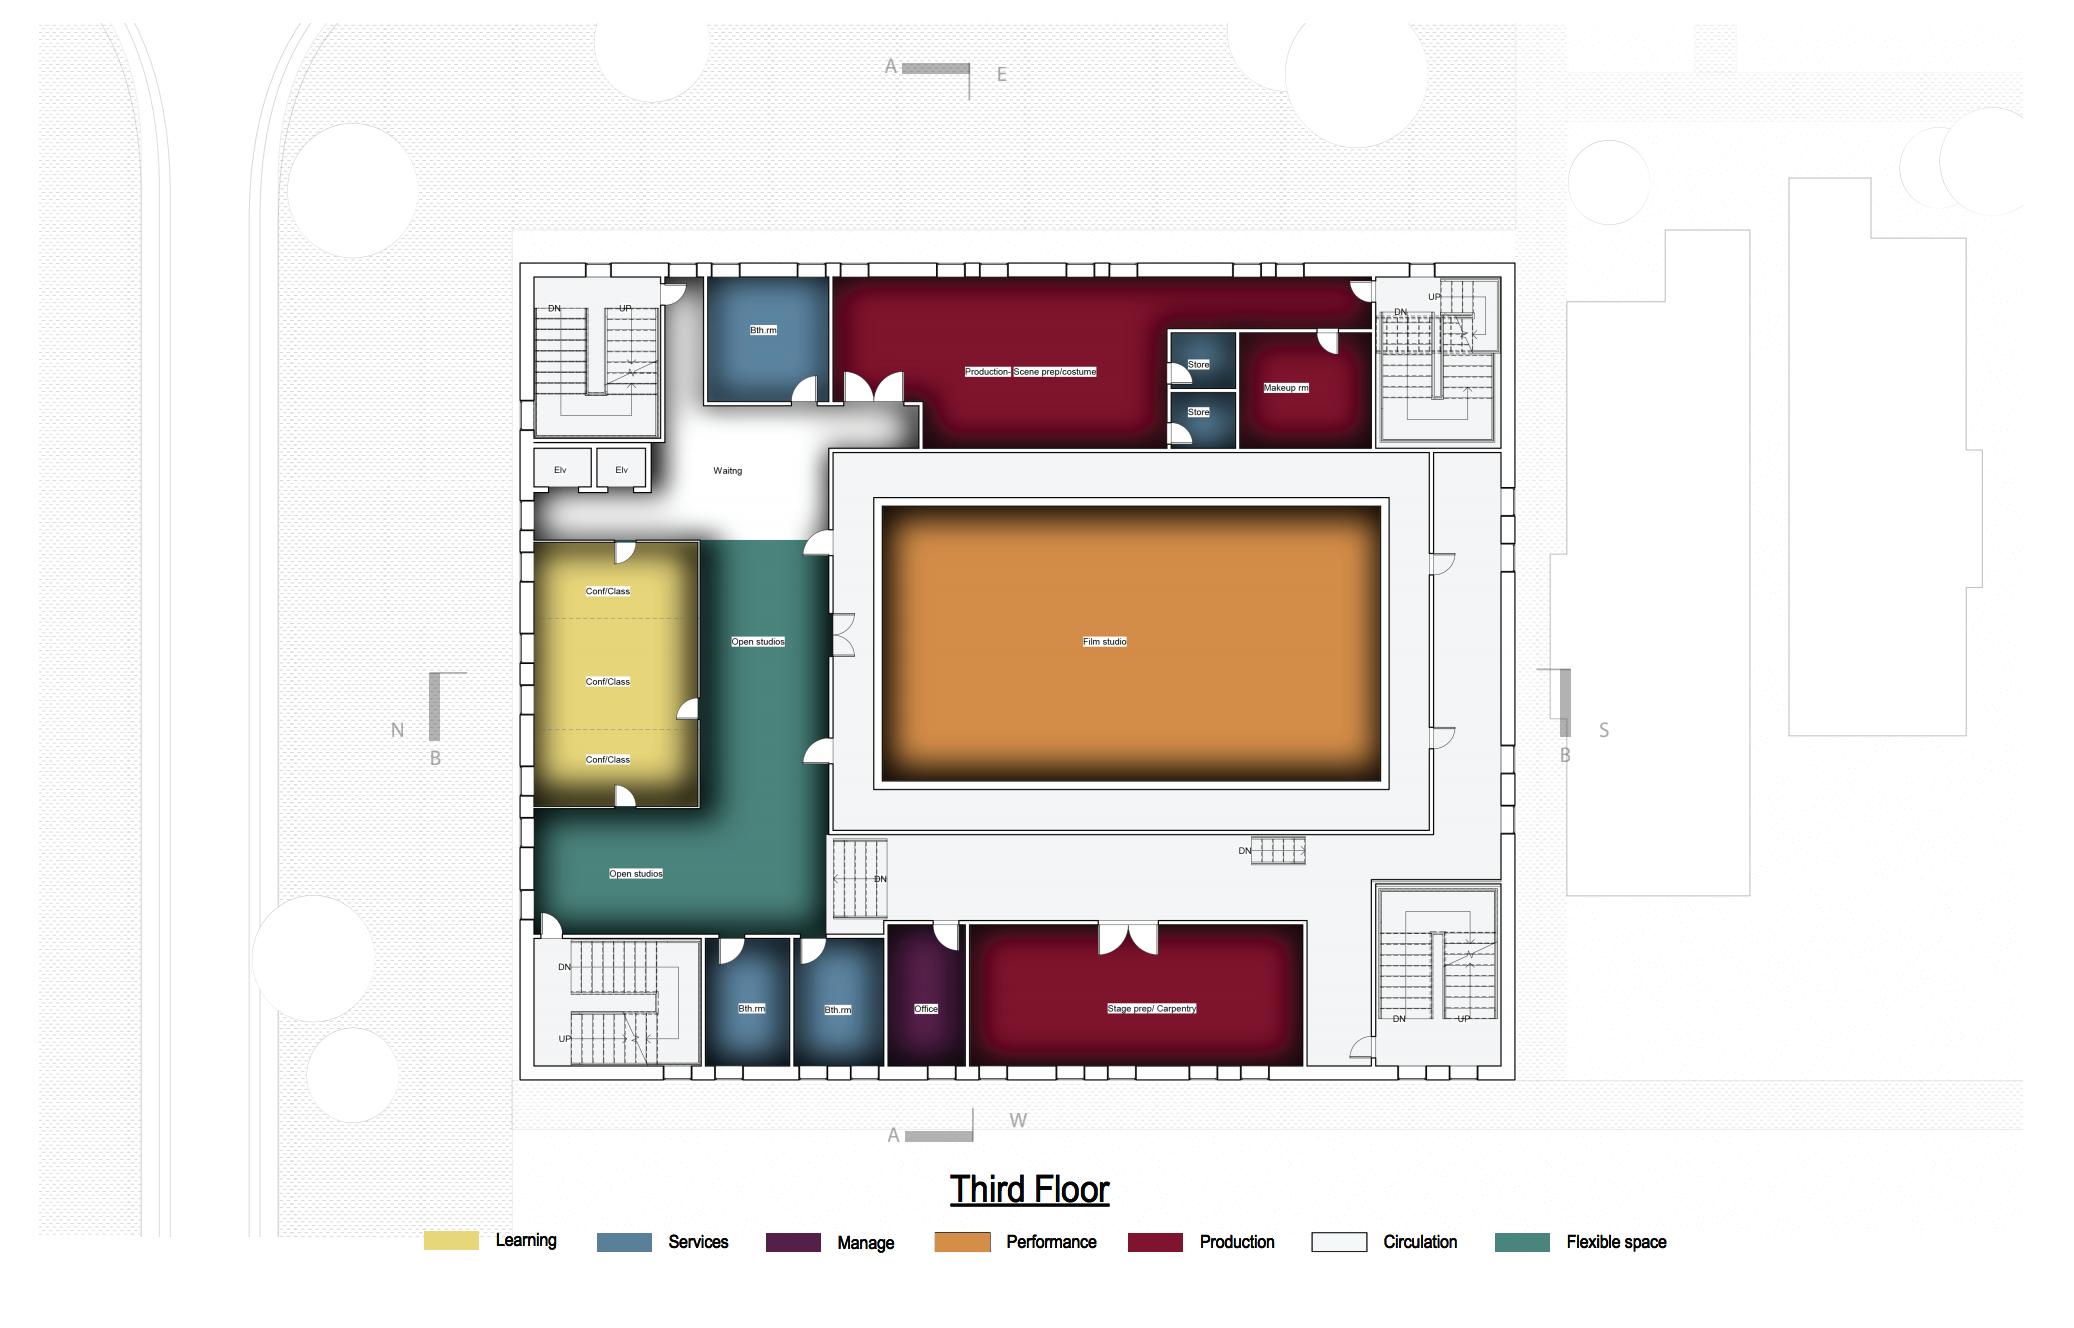 Site plan floor 3